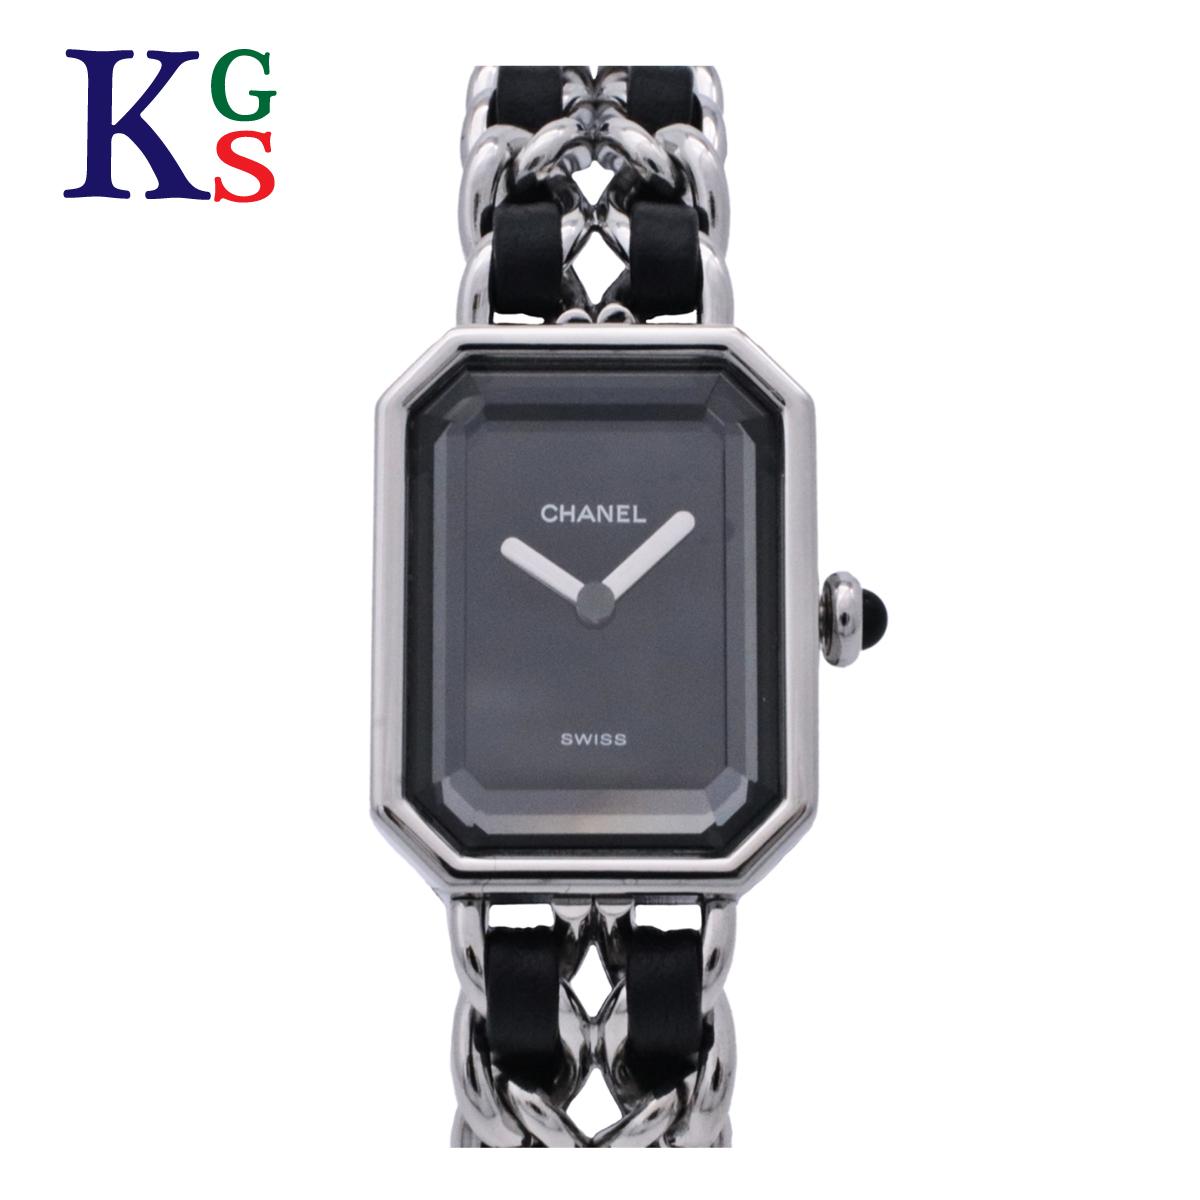 【ギフト品質】シャネル/CHANEL プルミエールM シルバー H0451 レディース 腕時計 ブラック クォーツ レザー×SS